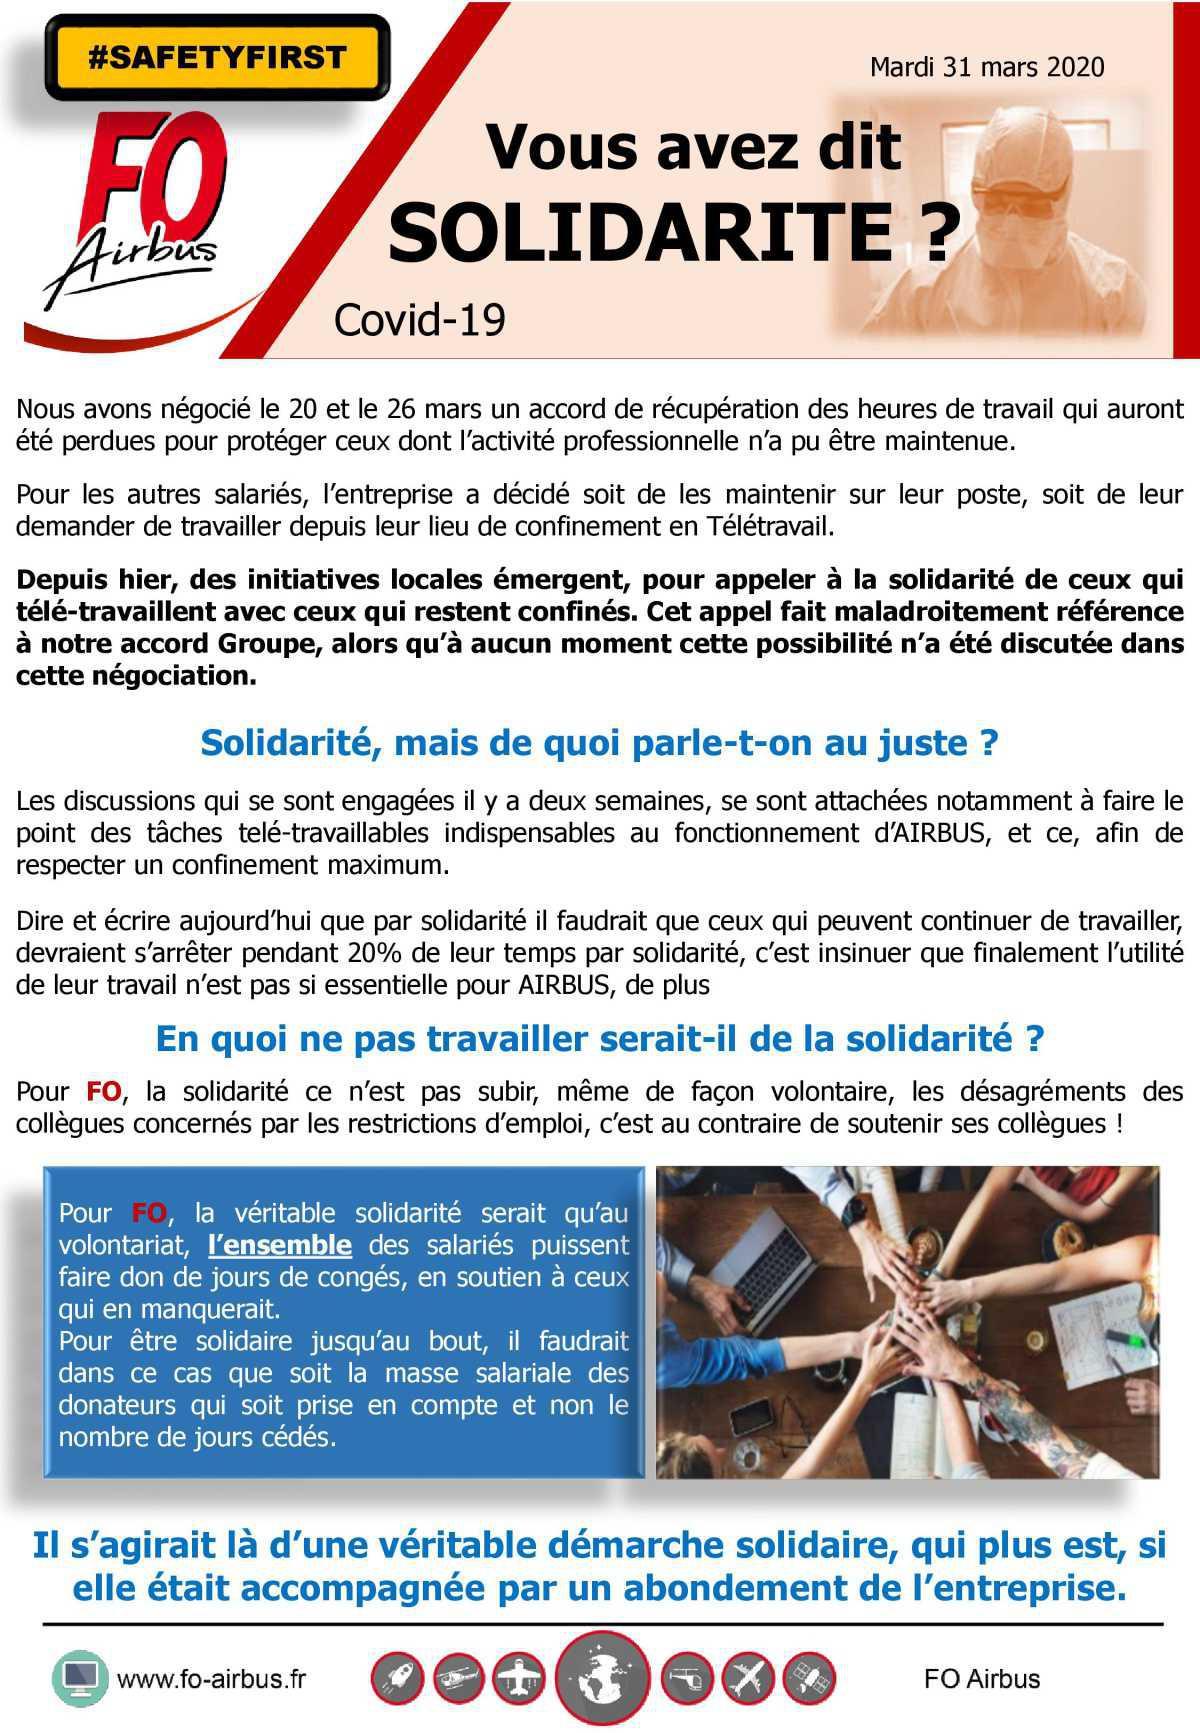 Vous avez dit solidarité ? COVID 19